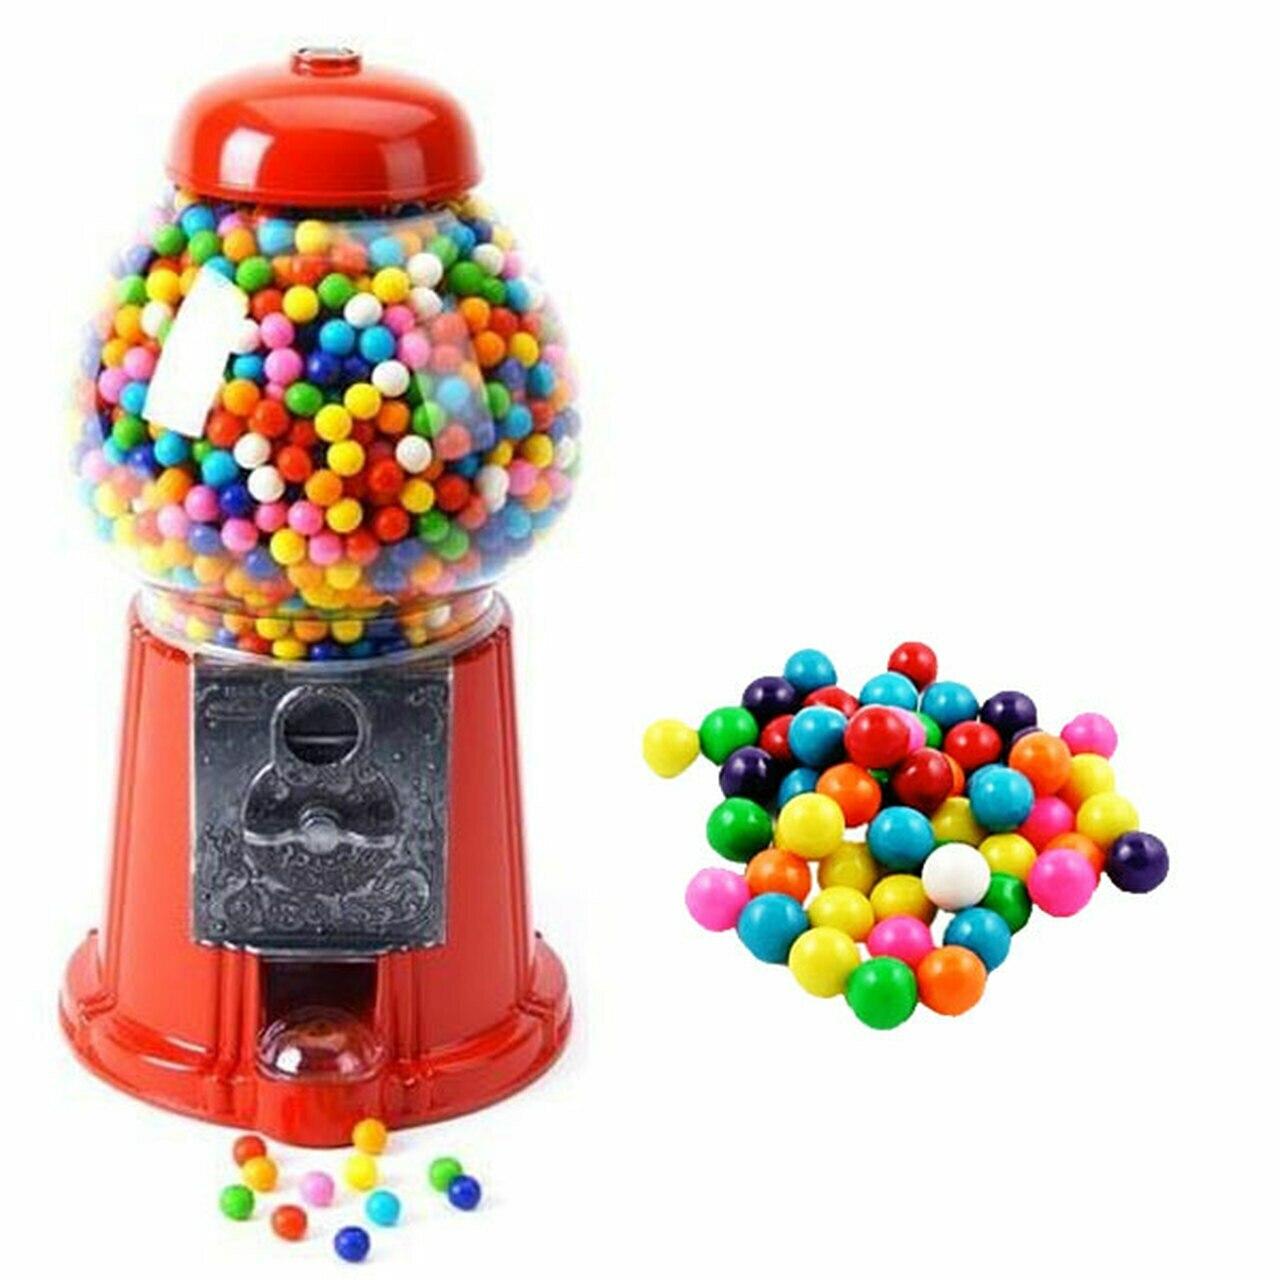 Gumball Machine Gift Sets